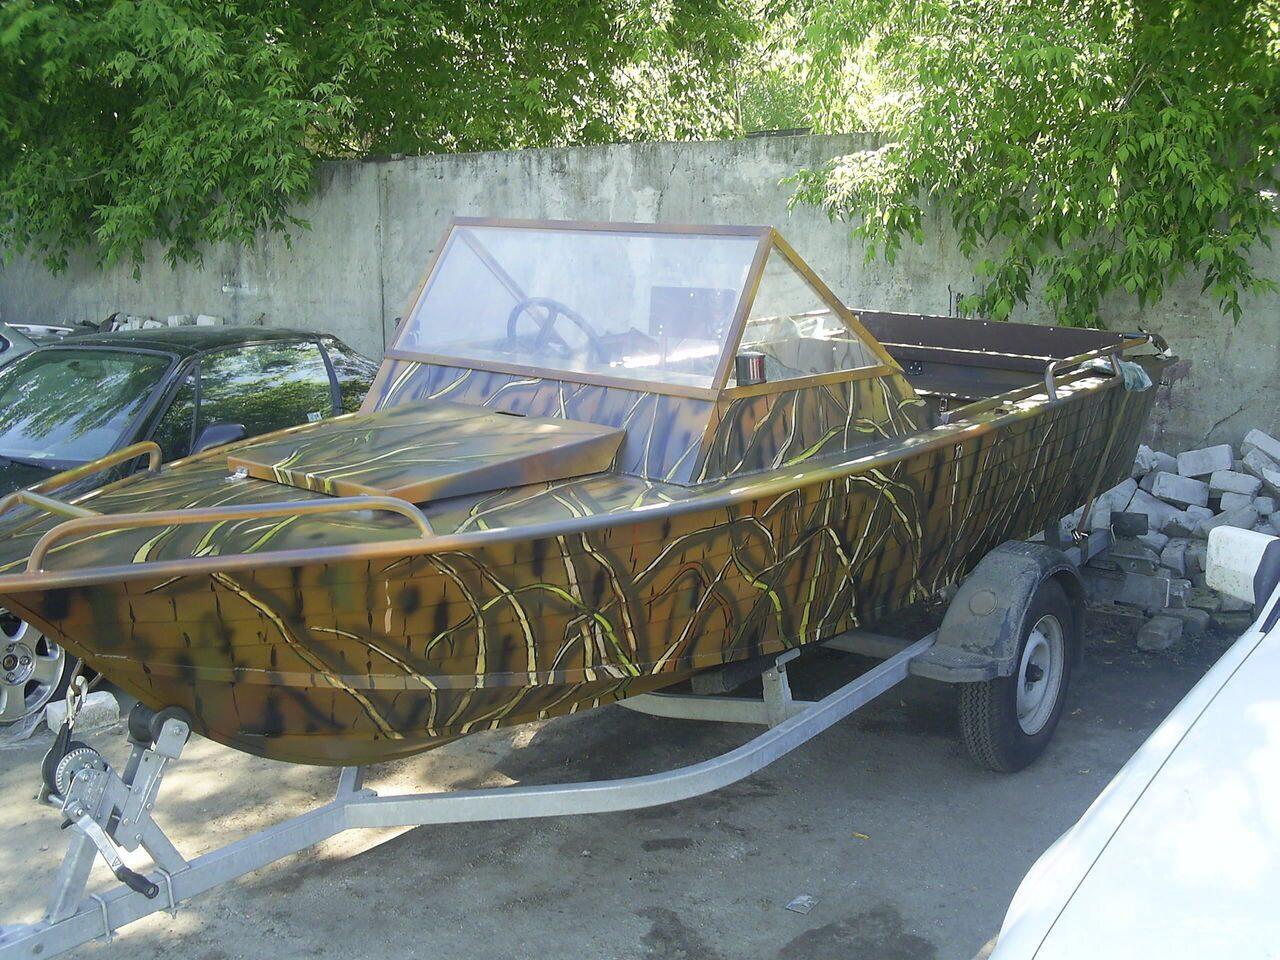 покраска лодки в камуфляж камыш фото